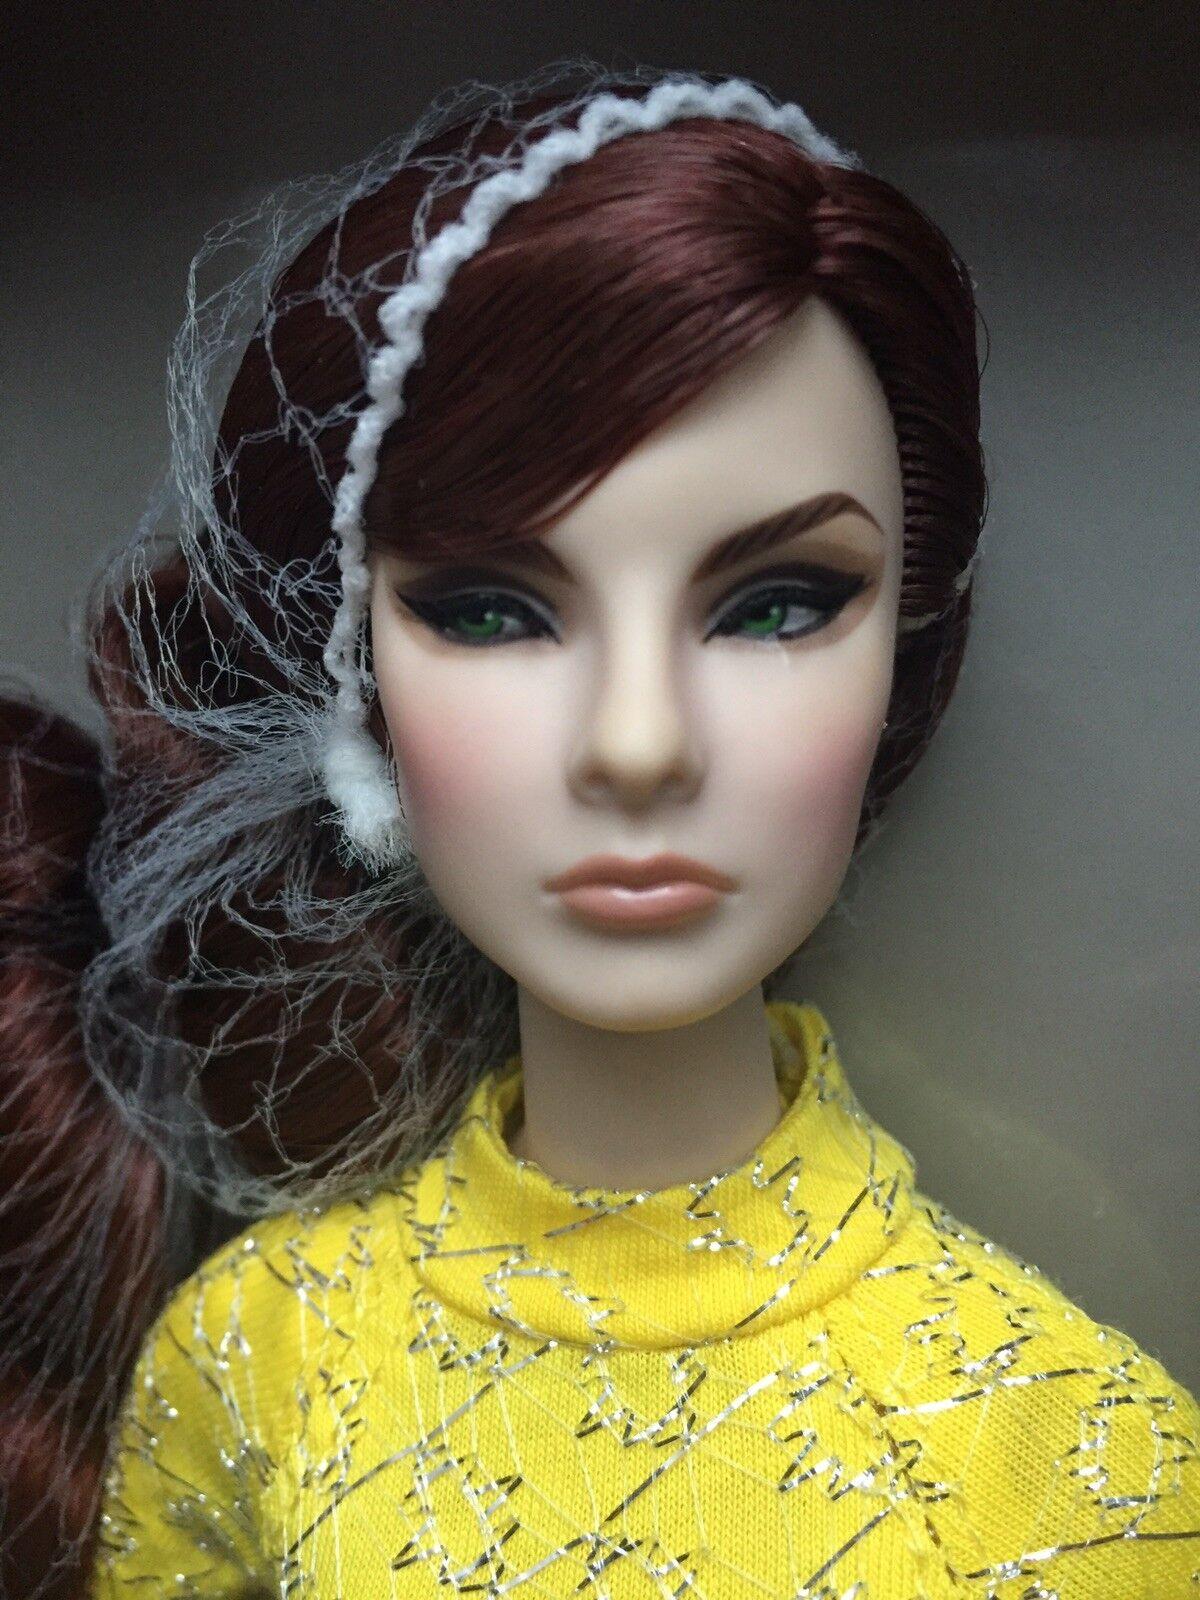 Fr 2018 Integrity Luxe con Vida Óptico Ilusión Giselle Moda Royalty Muñeca NRFB